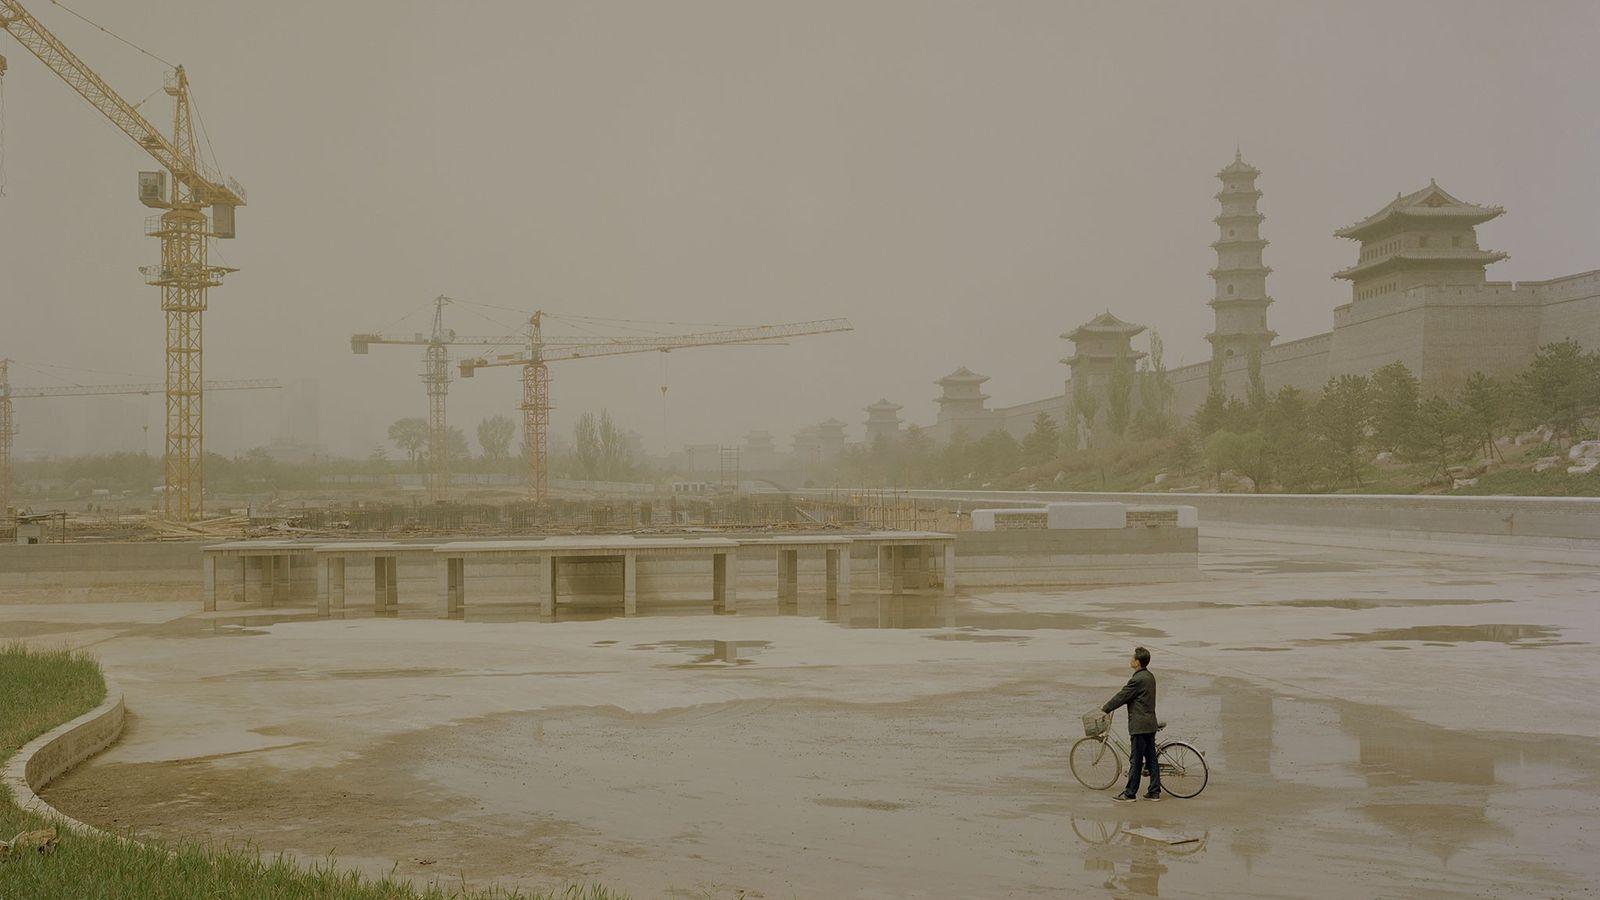 Sur cette photo on distingue dans la brume les grues qui dominent les chantiers à proximité ...